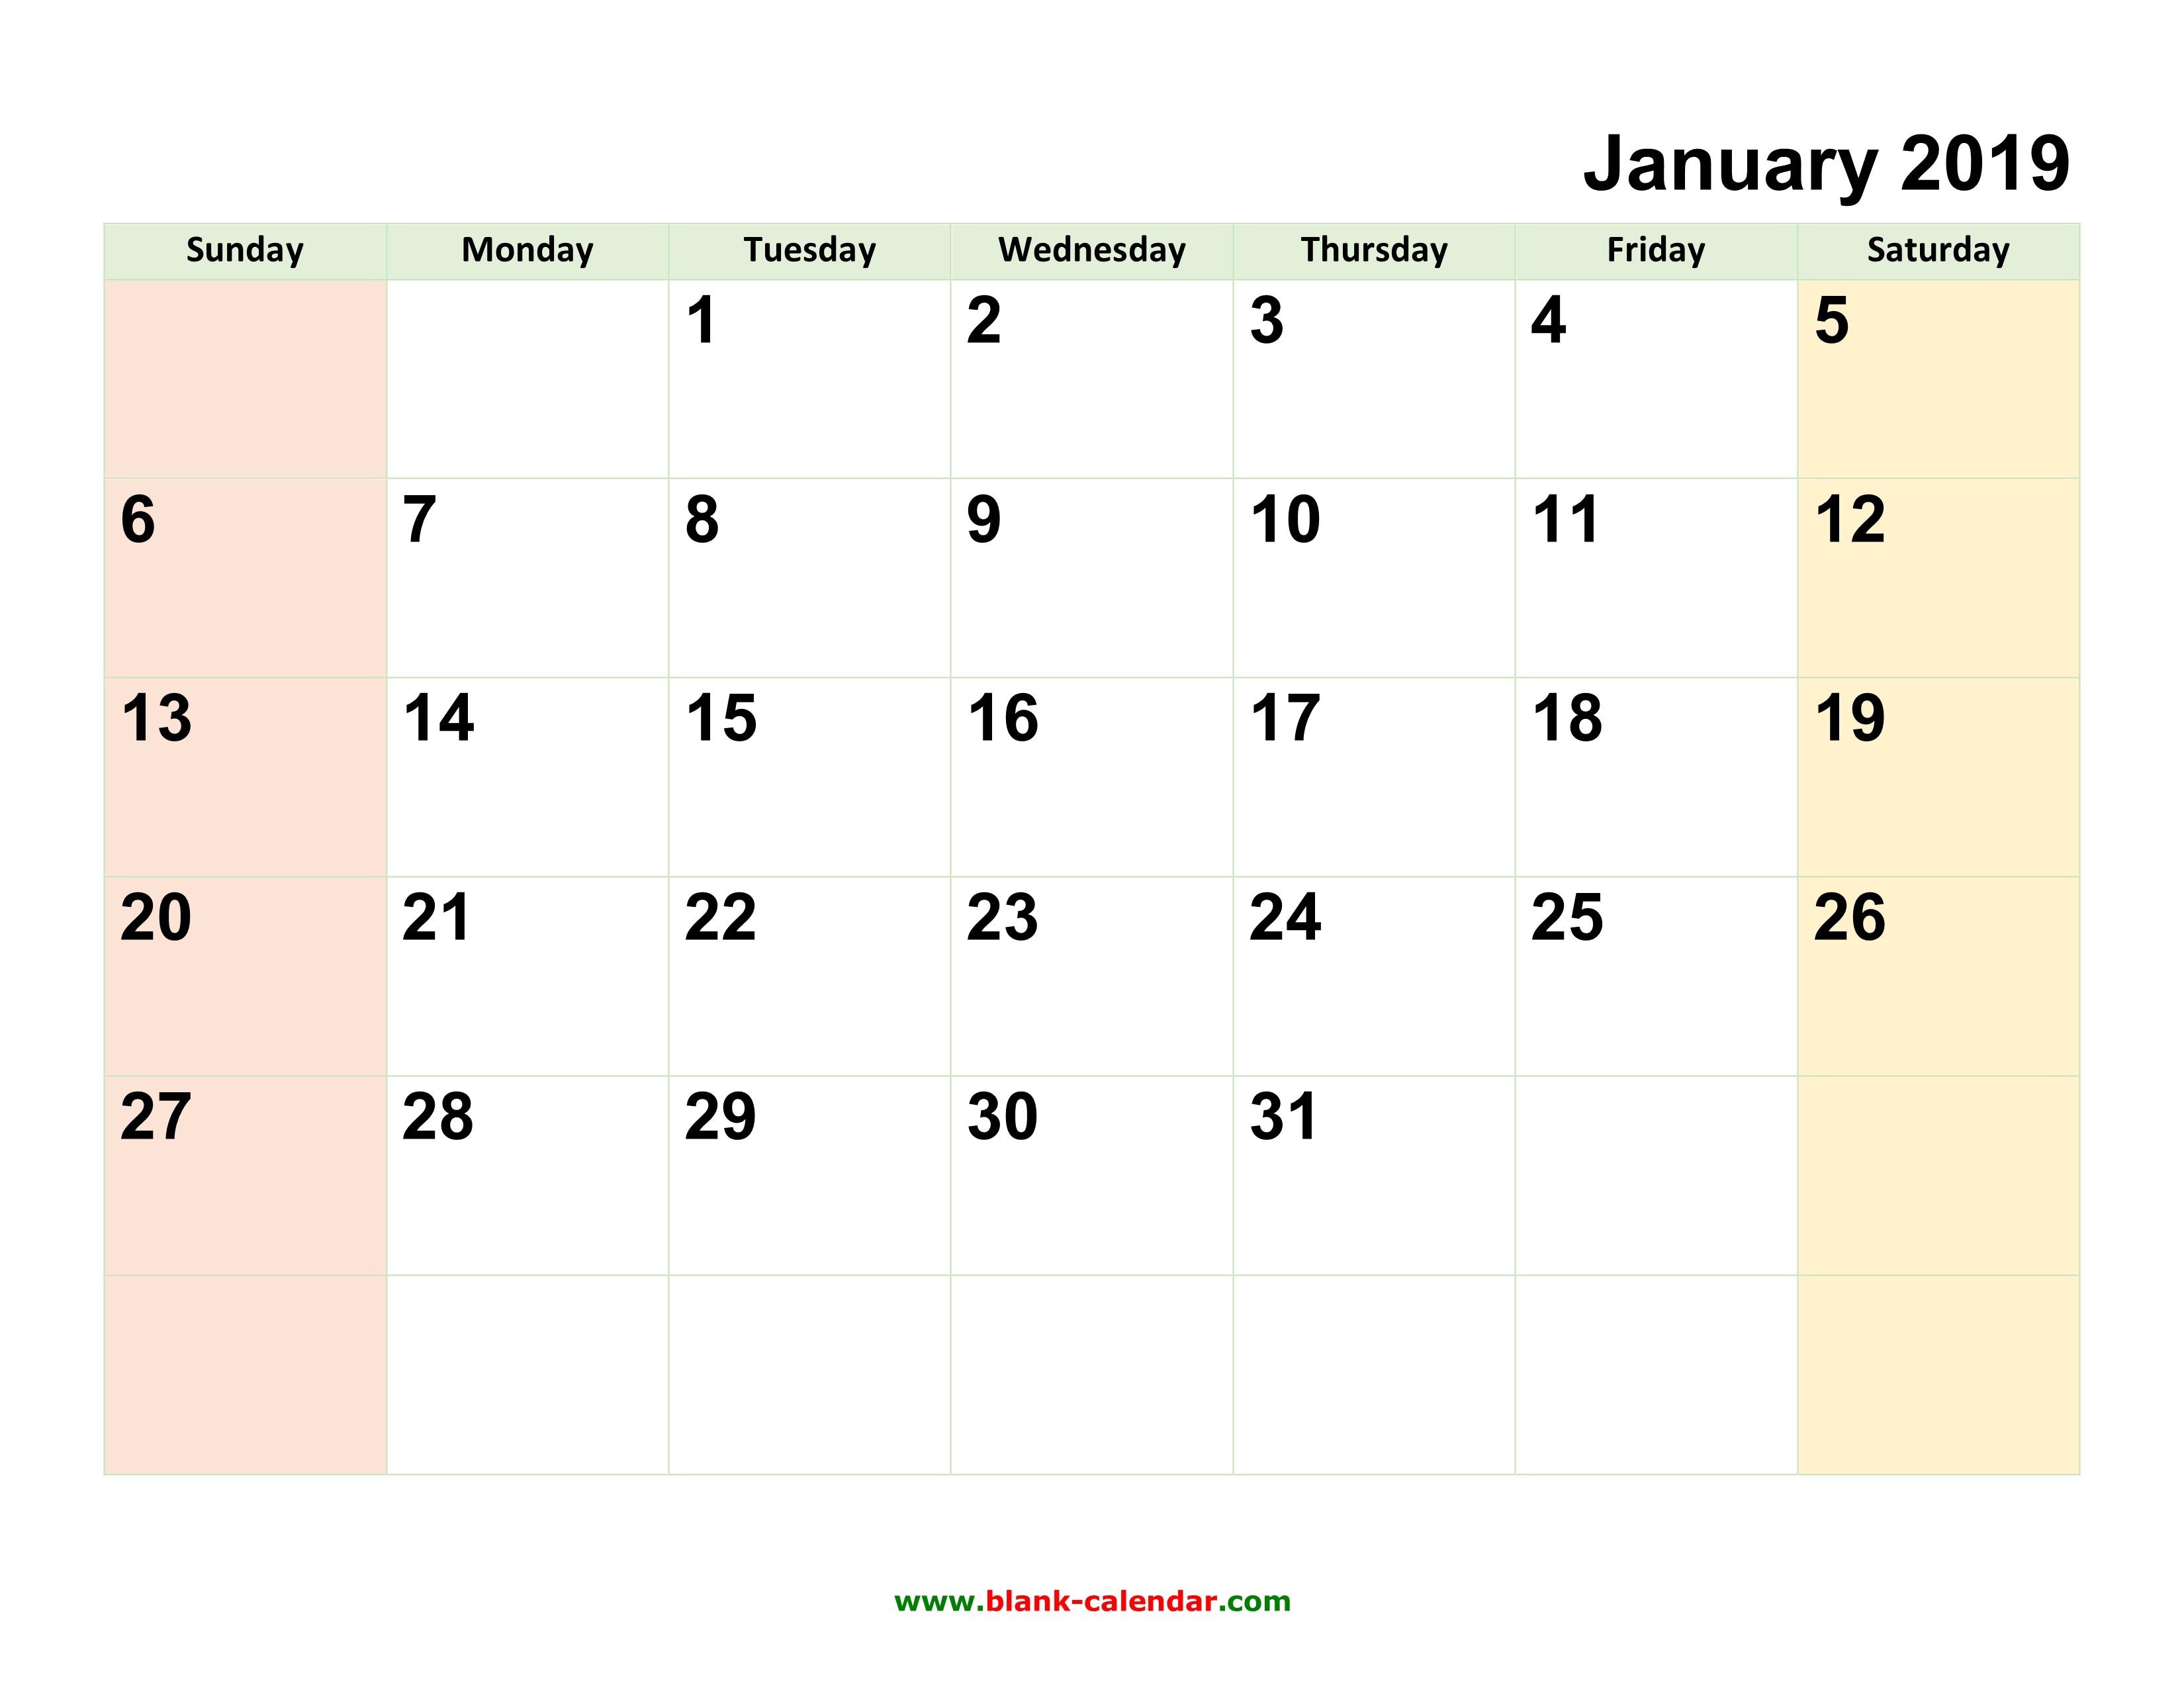 March Calendar Vector Más Caliente Choosing March 2019 Calendar Vector Of March Calendar Vector Actual Data Involving event Calendar March Calendar Online 2019